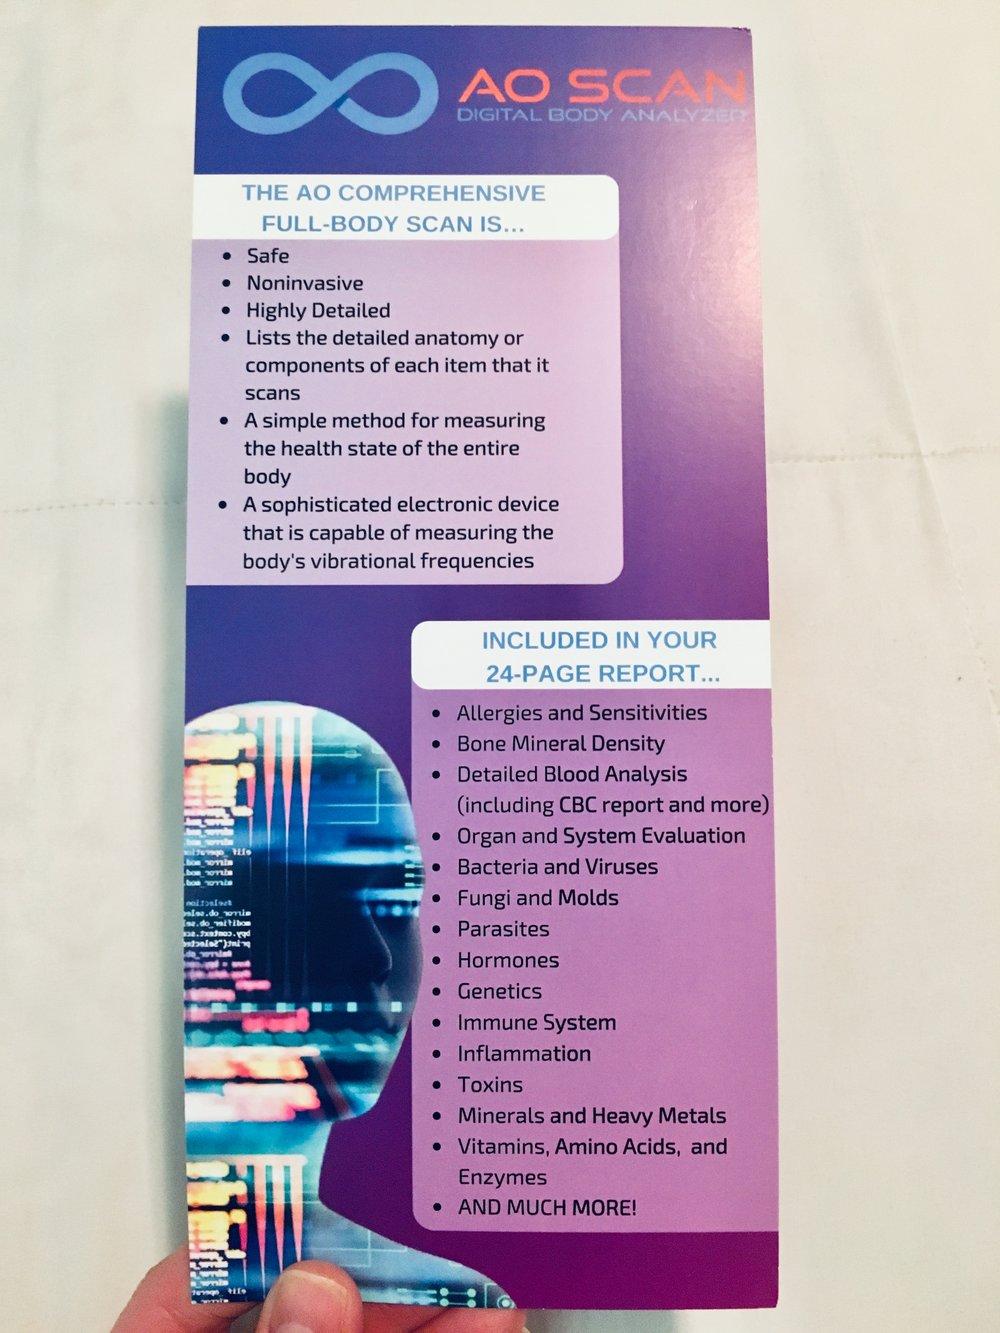 AO scan brochure